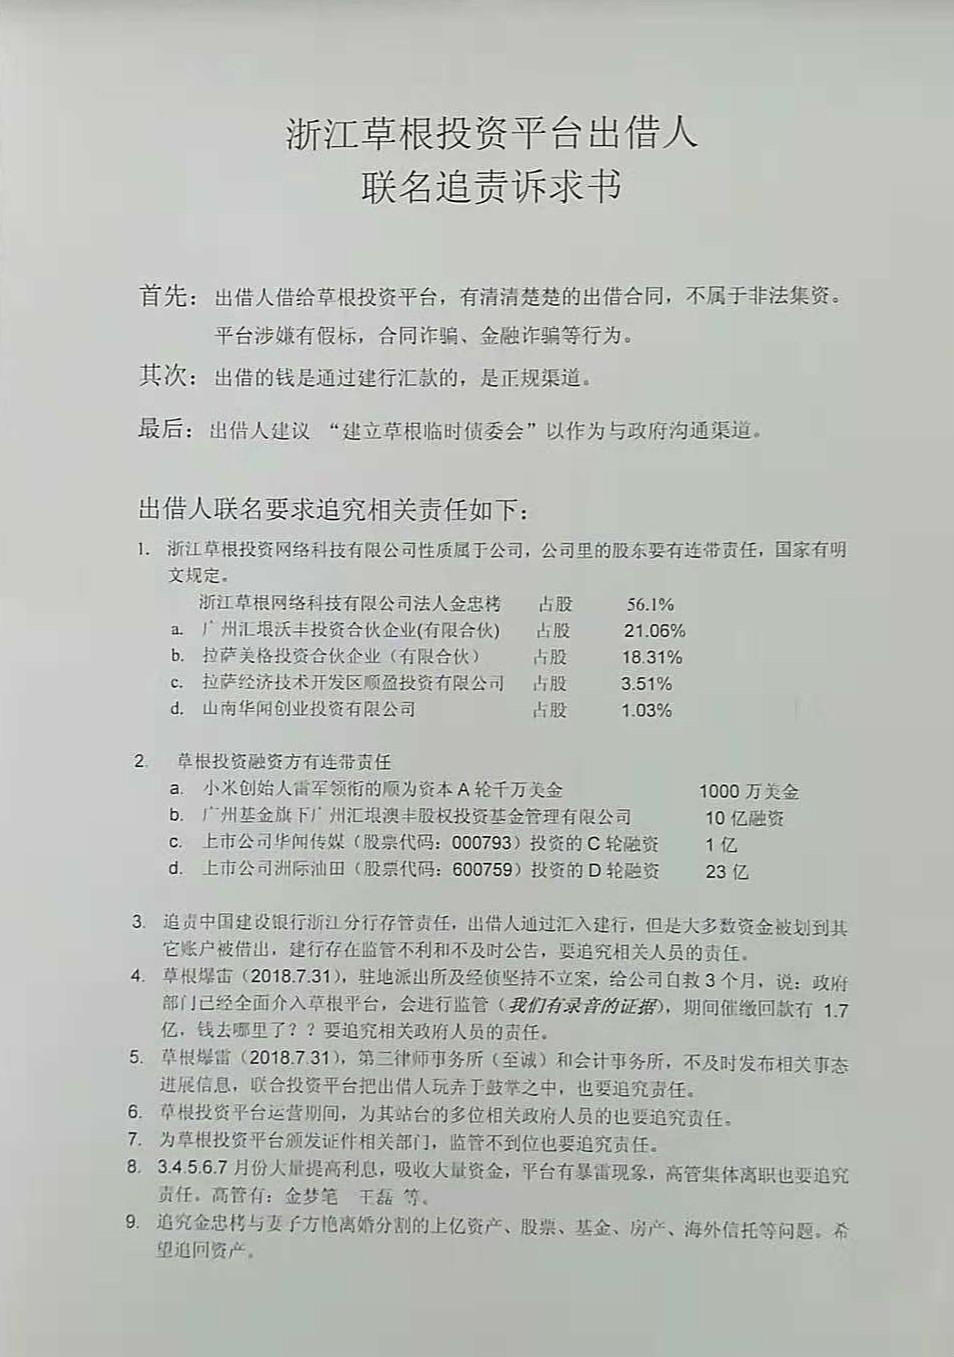 浙江草根投資平台出借人聯名追責訴求書。(受訪者提供)